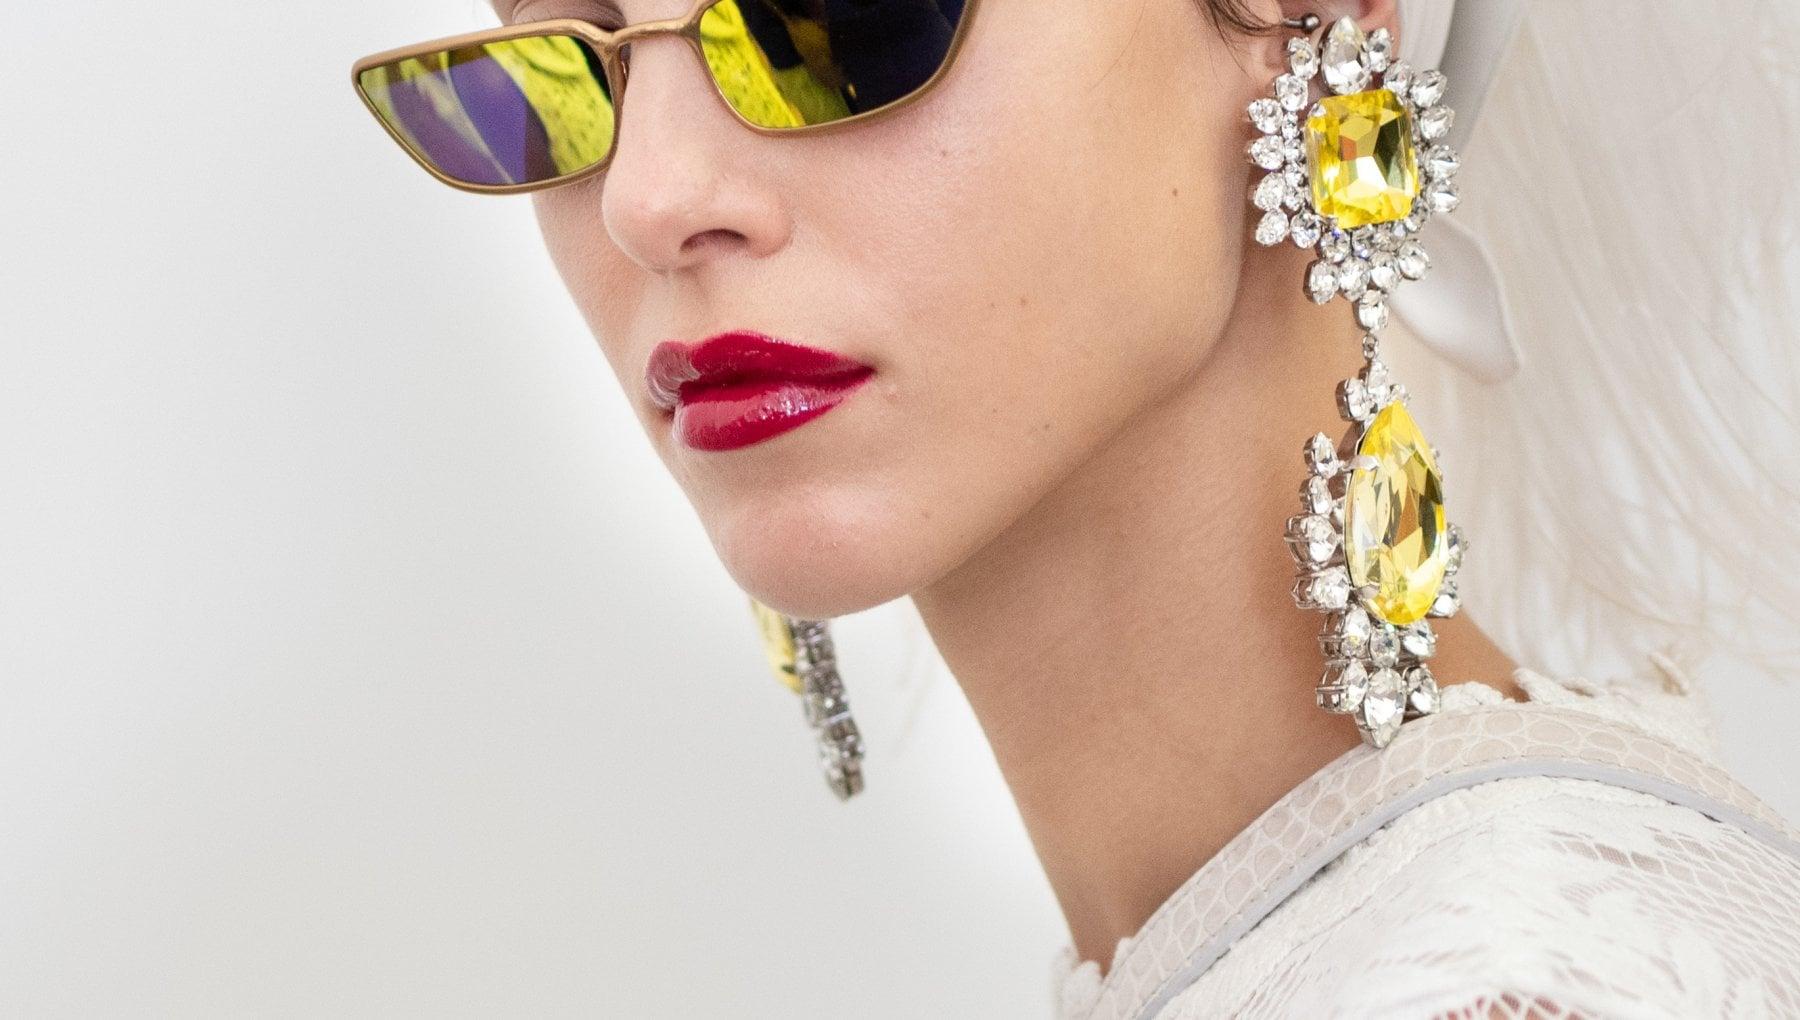 Gioielli e bijoux: ecco quelli giusti per completare i vostri look